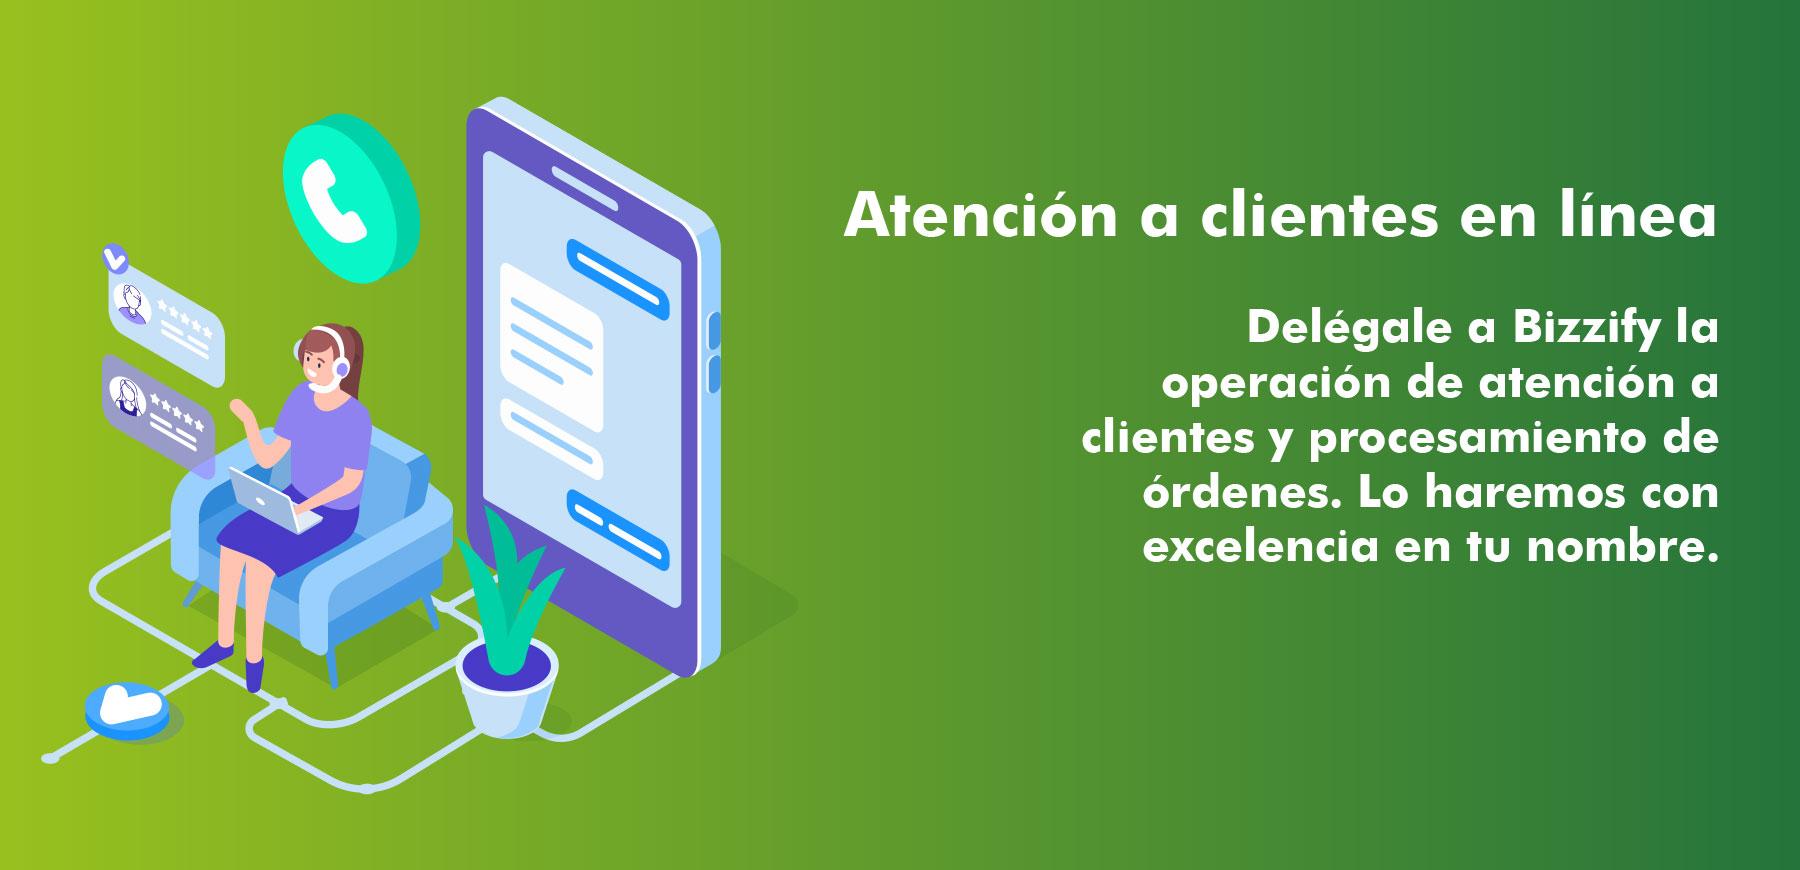 Banner servicio de atención a clientes en linea